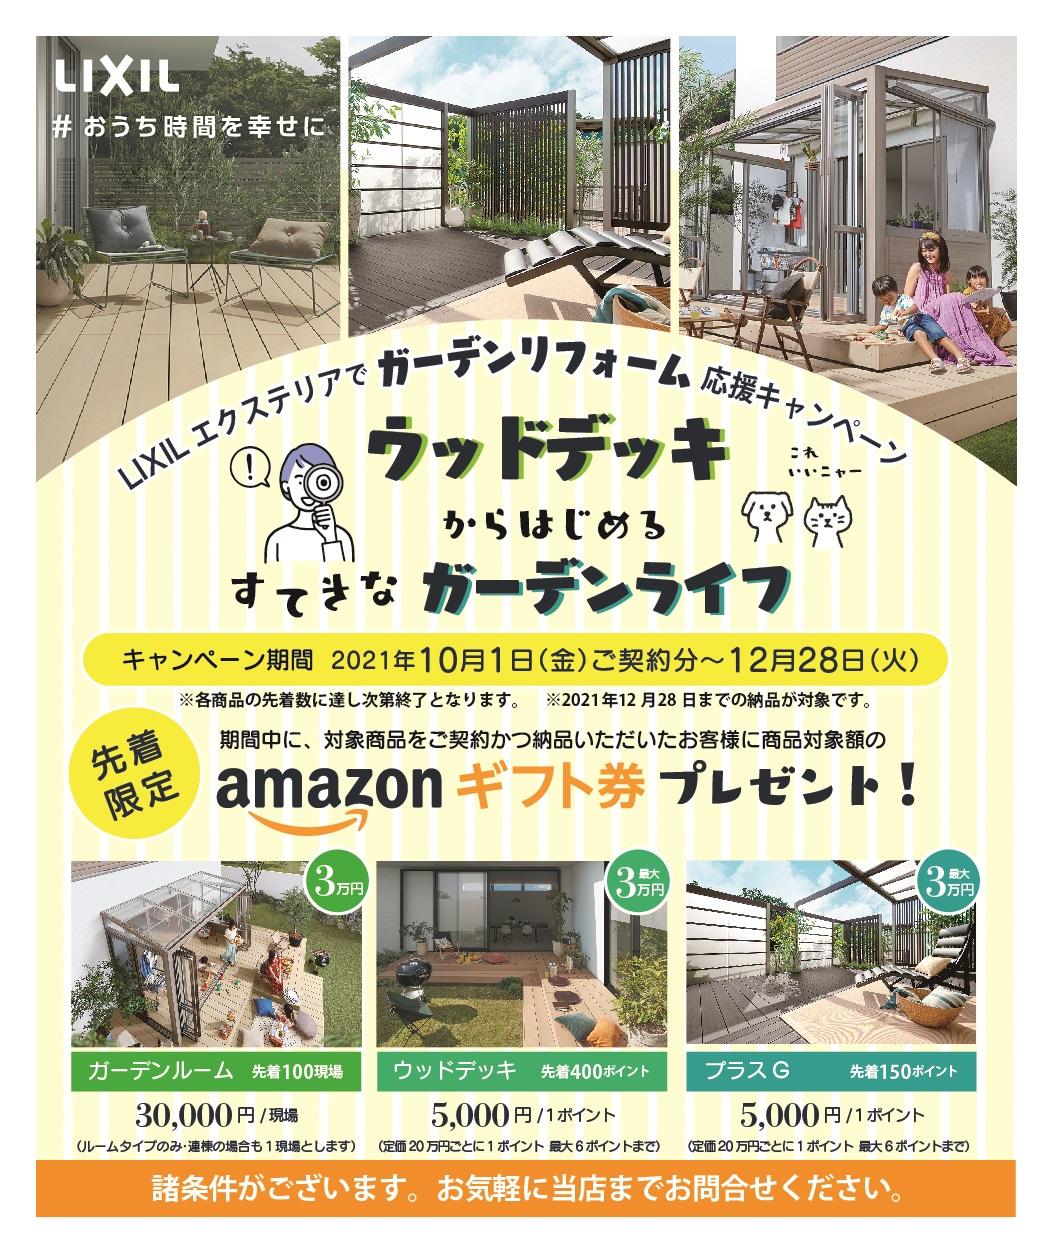 リクシル2021秋キャンペーン